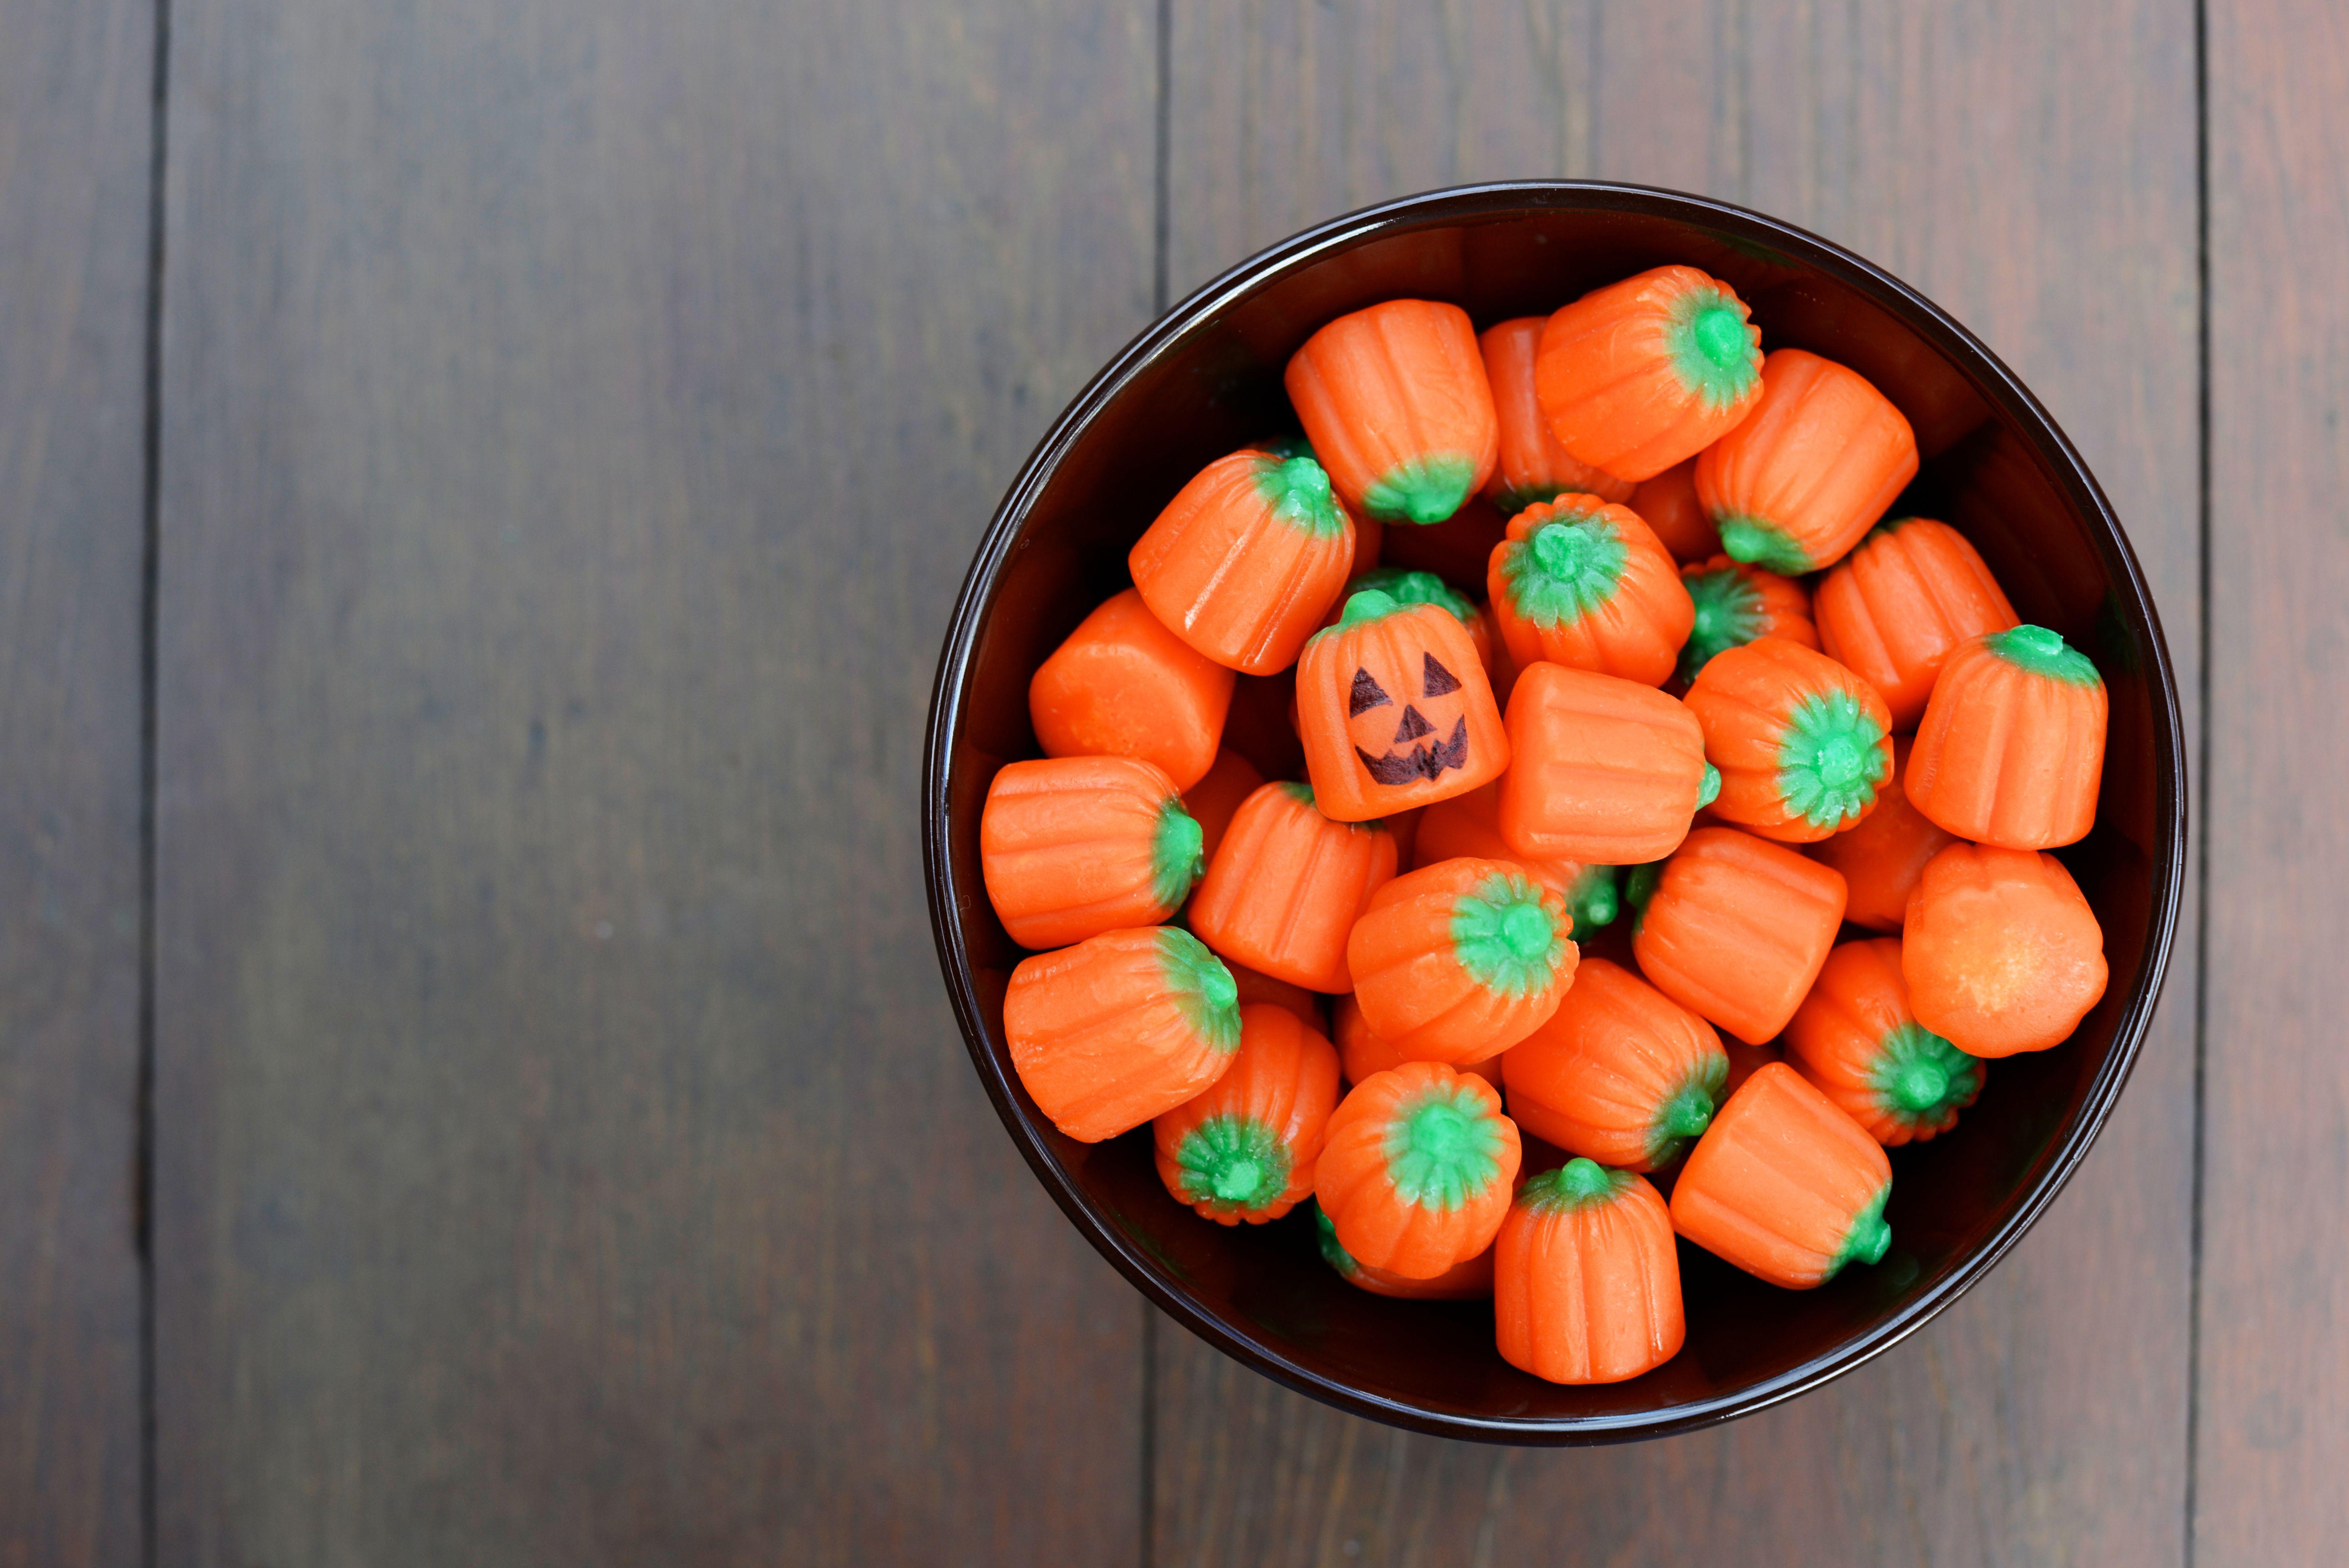 Bowl of pumpkin shaped Halloween candy.